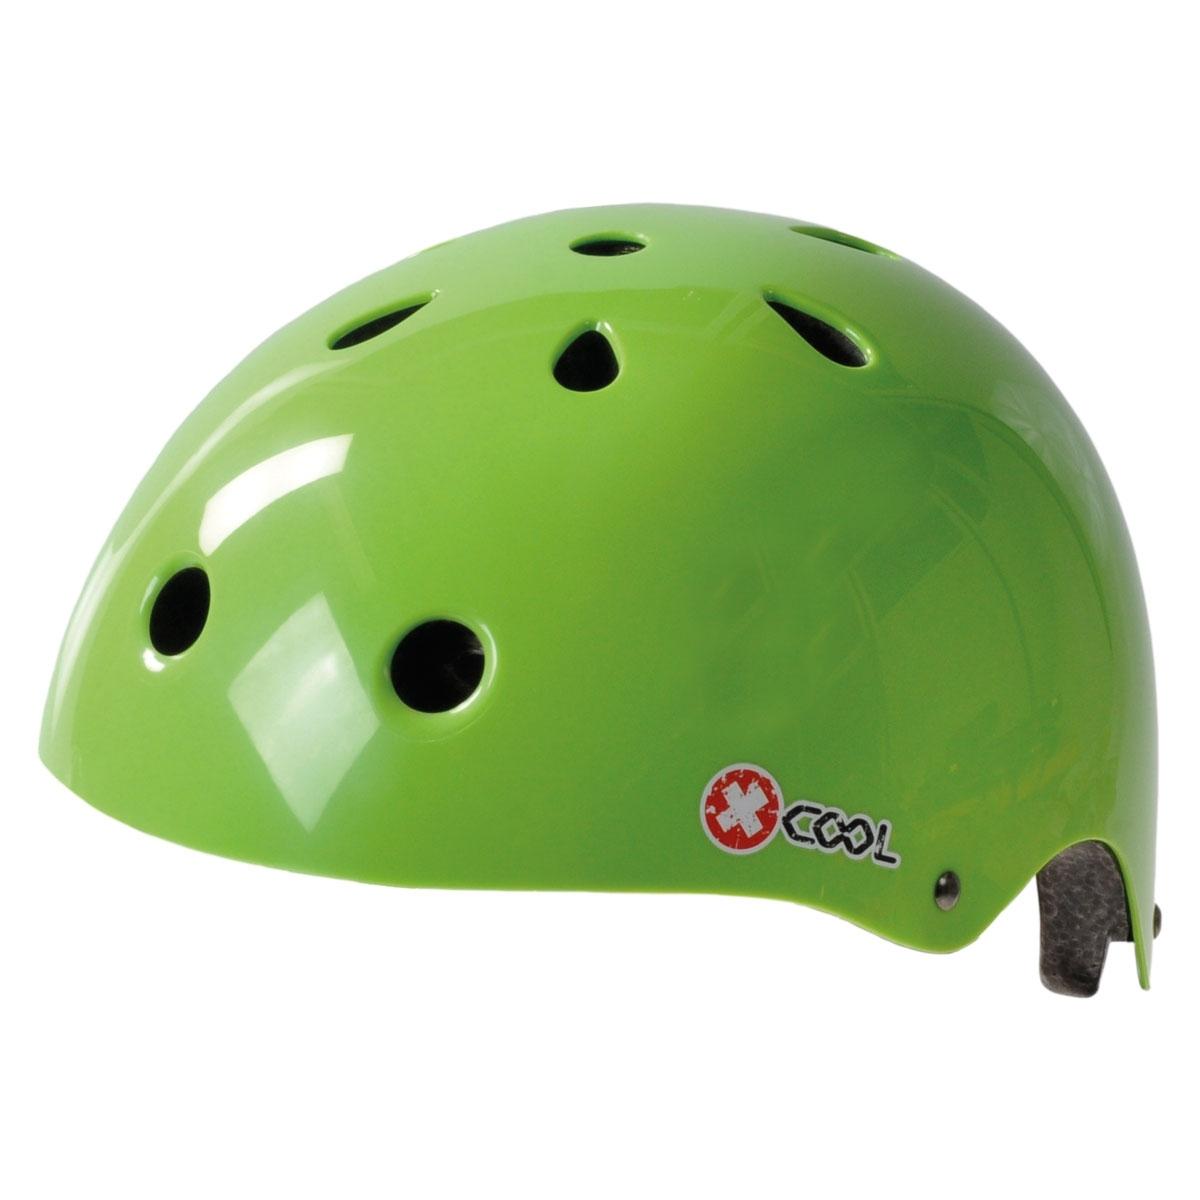 Pyöräilykypärä x-cool bmx, vihreä 48-54 säätöpannalla